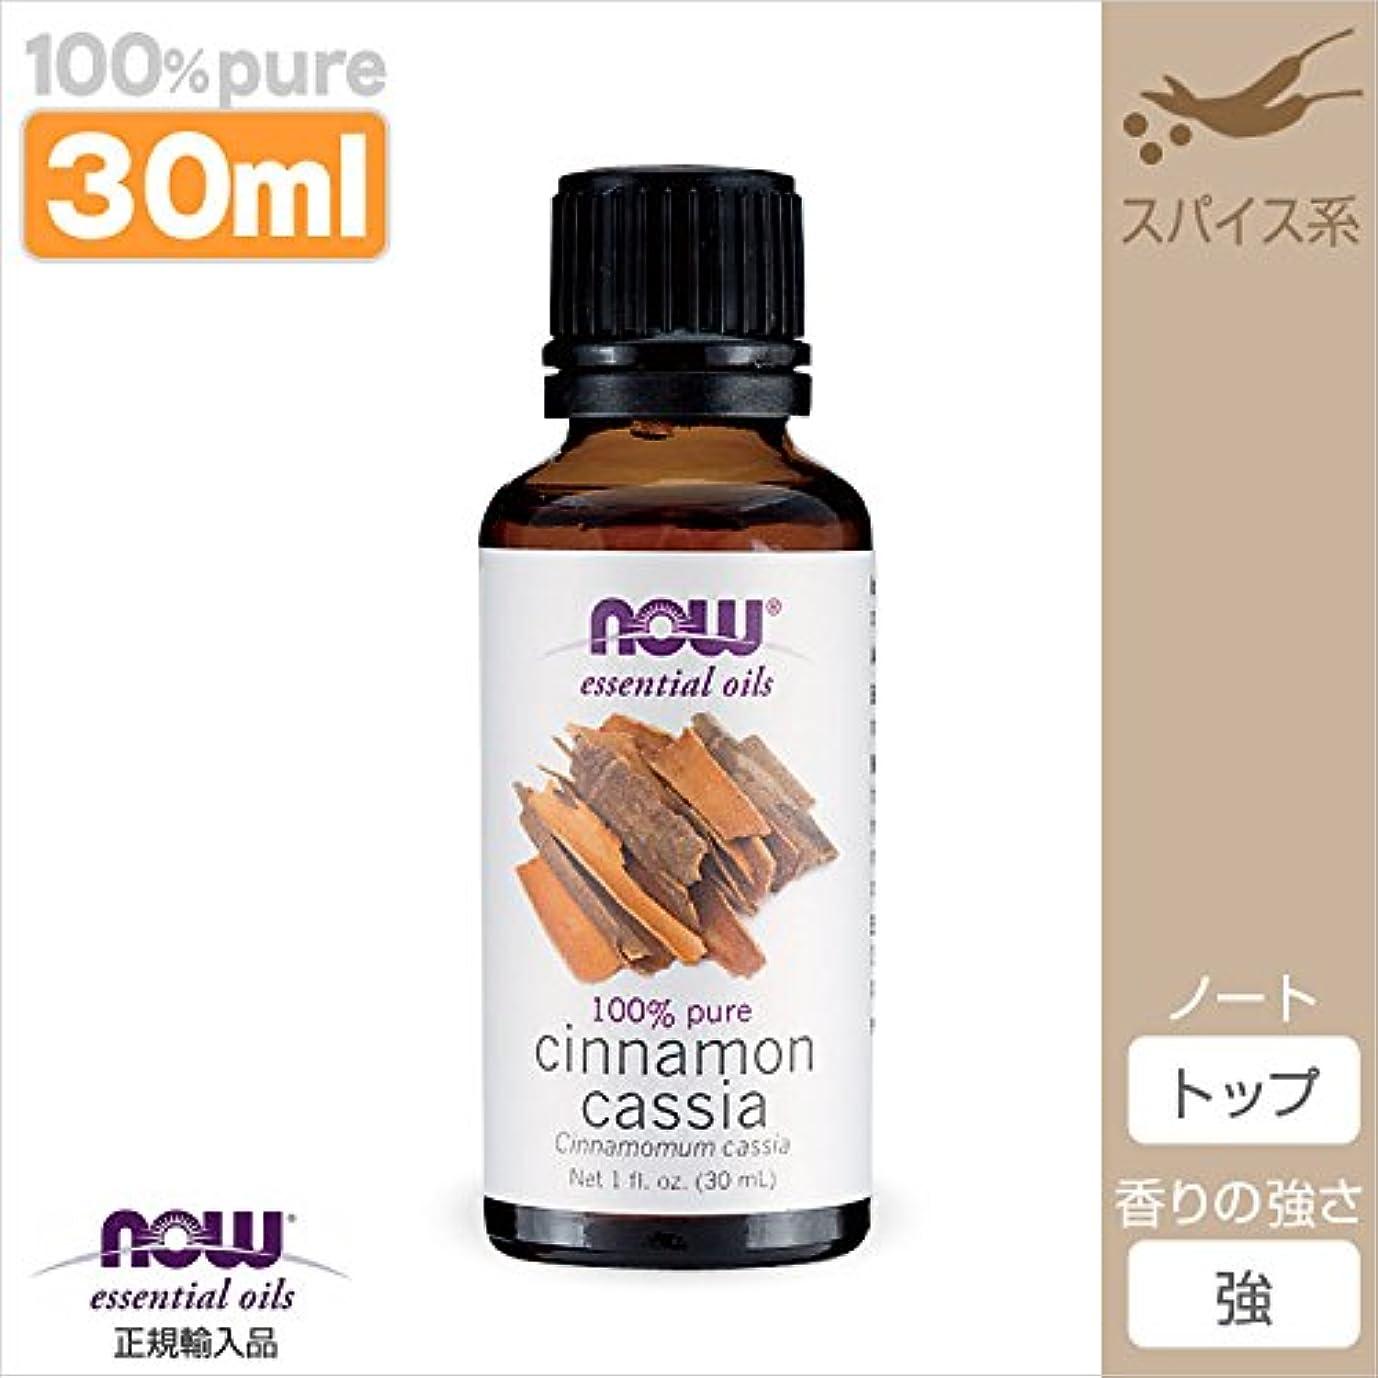 シナモン カッシア 精油[30ml] 【正規輸入品】 NOWエッセンシャルオイル(アロマオイル)